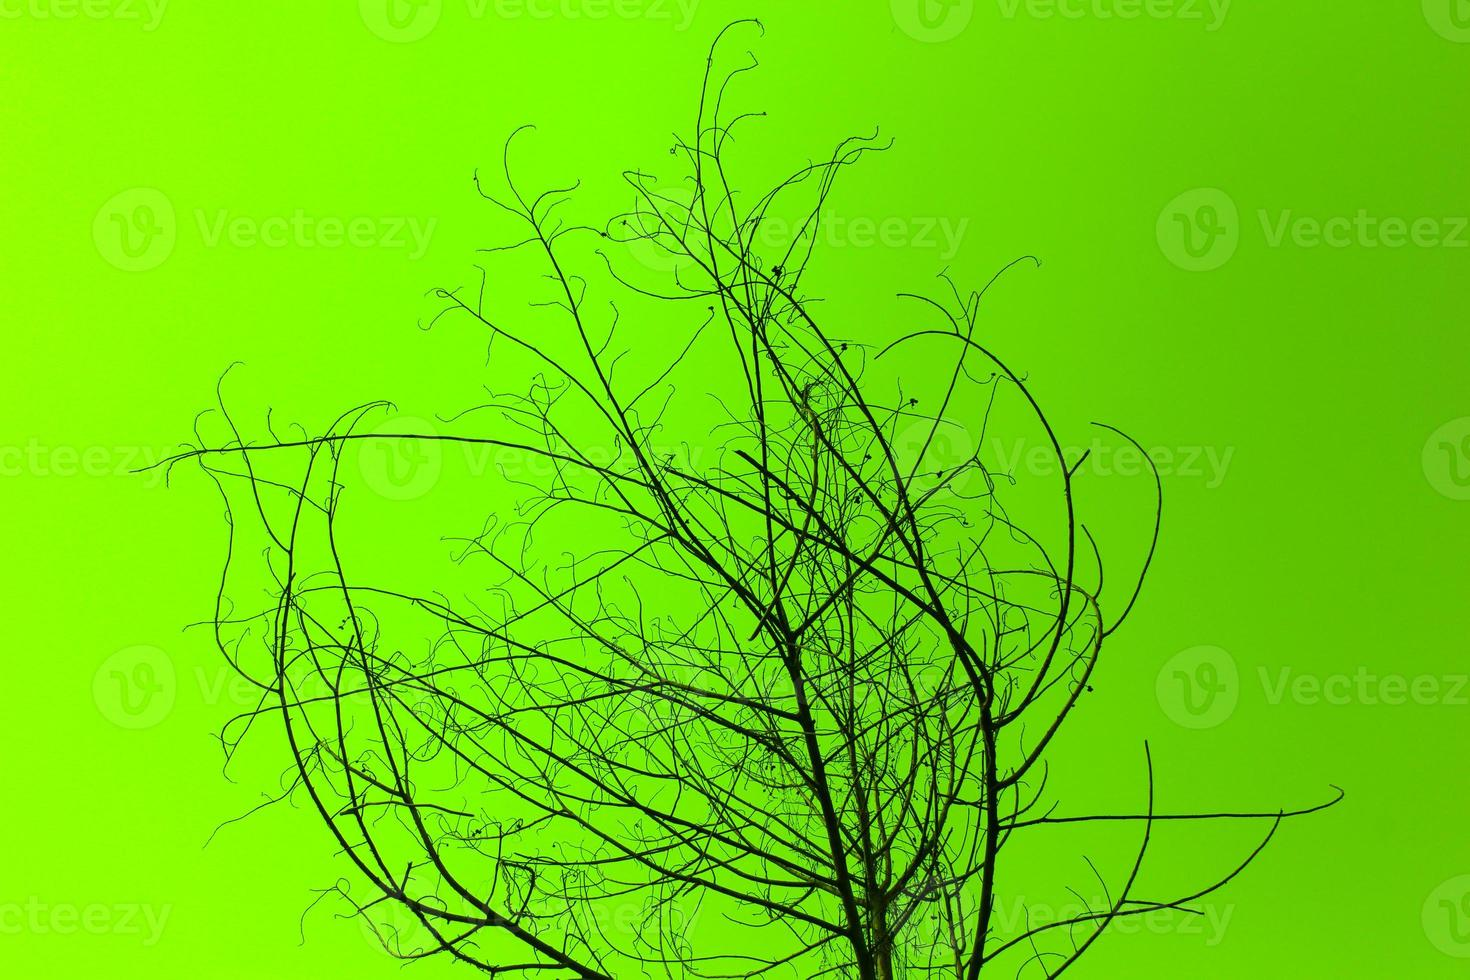 arbre séché sur vert photo